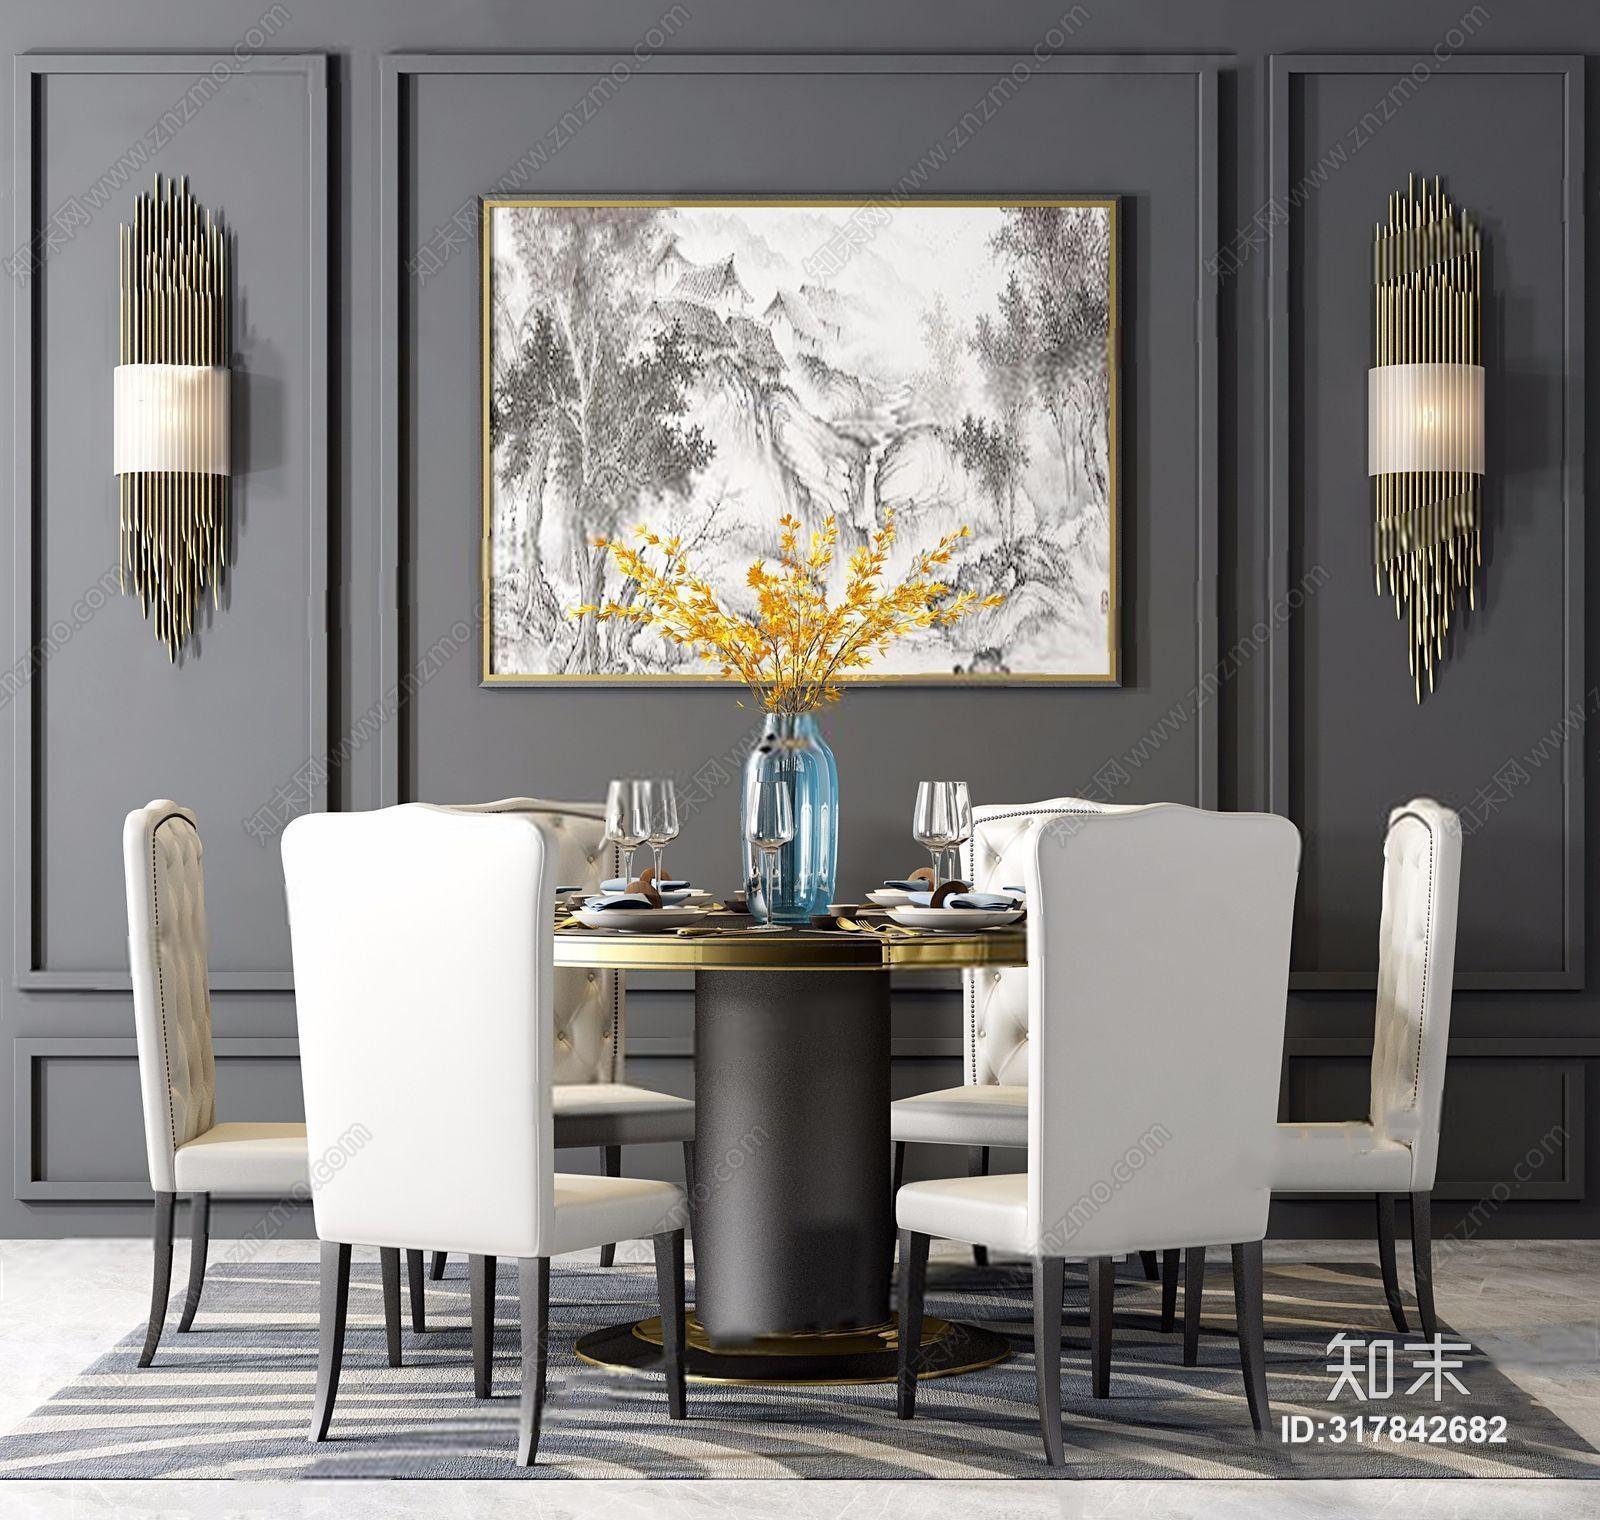 现代简欧餐桌椅组合 简欧桌椅组合 餐桌椅 壁灯 花艺 餐具 圆餐桌 地毯 挂画 椅子